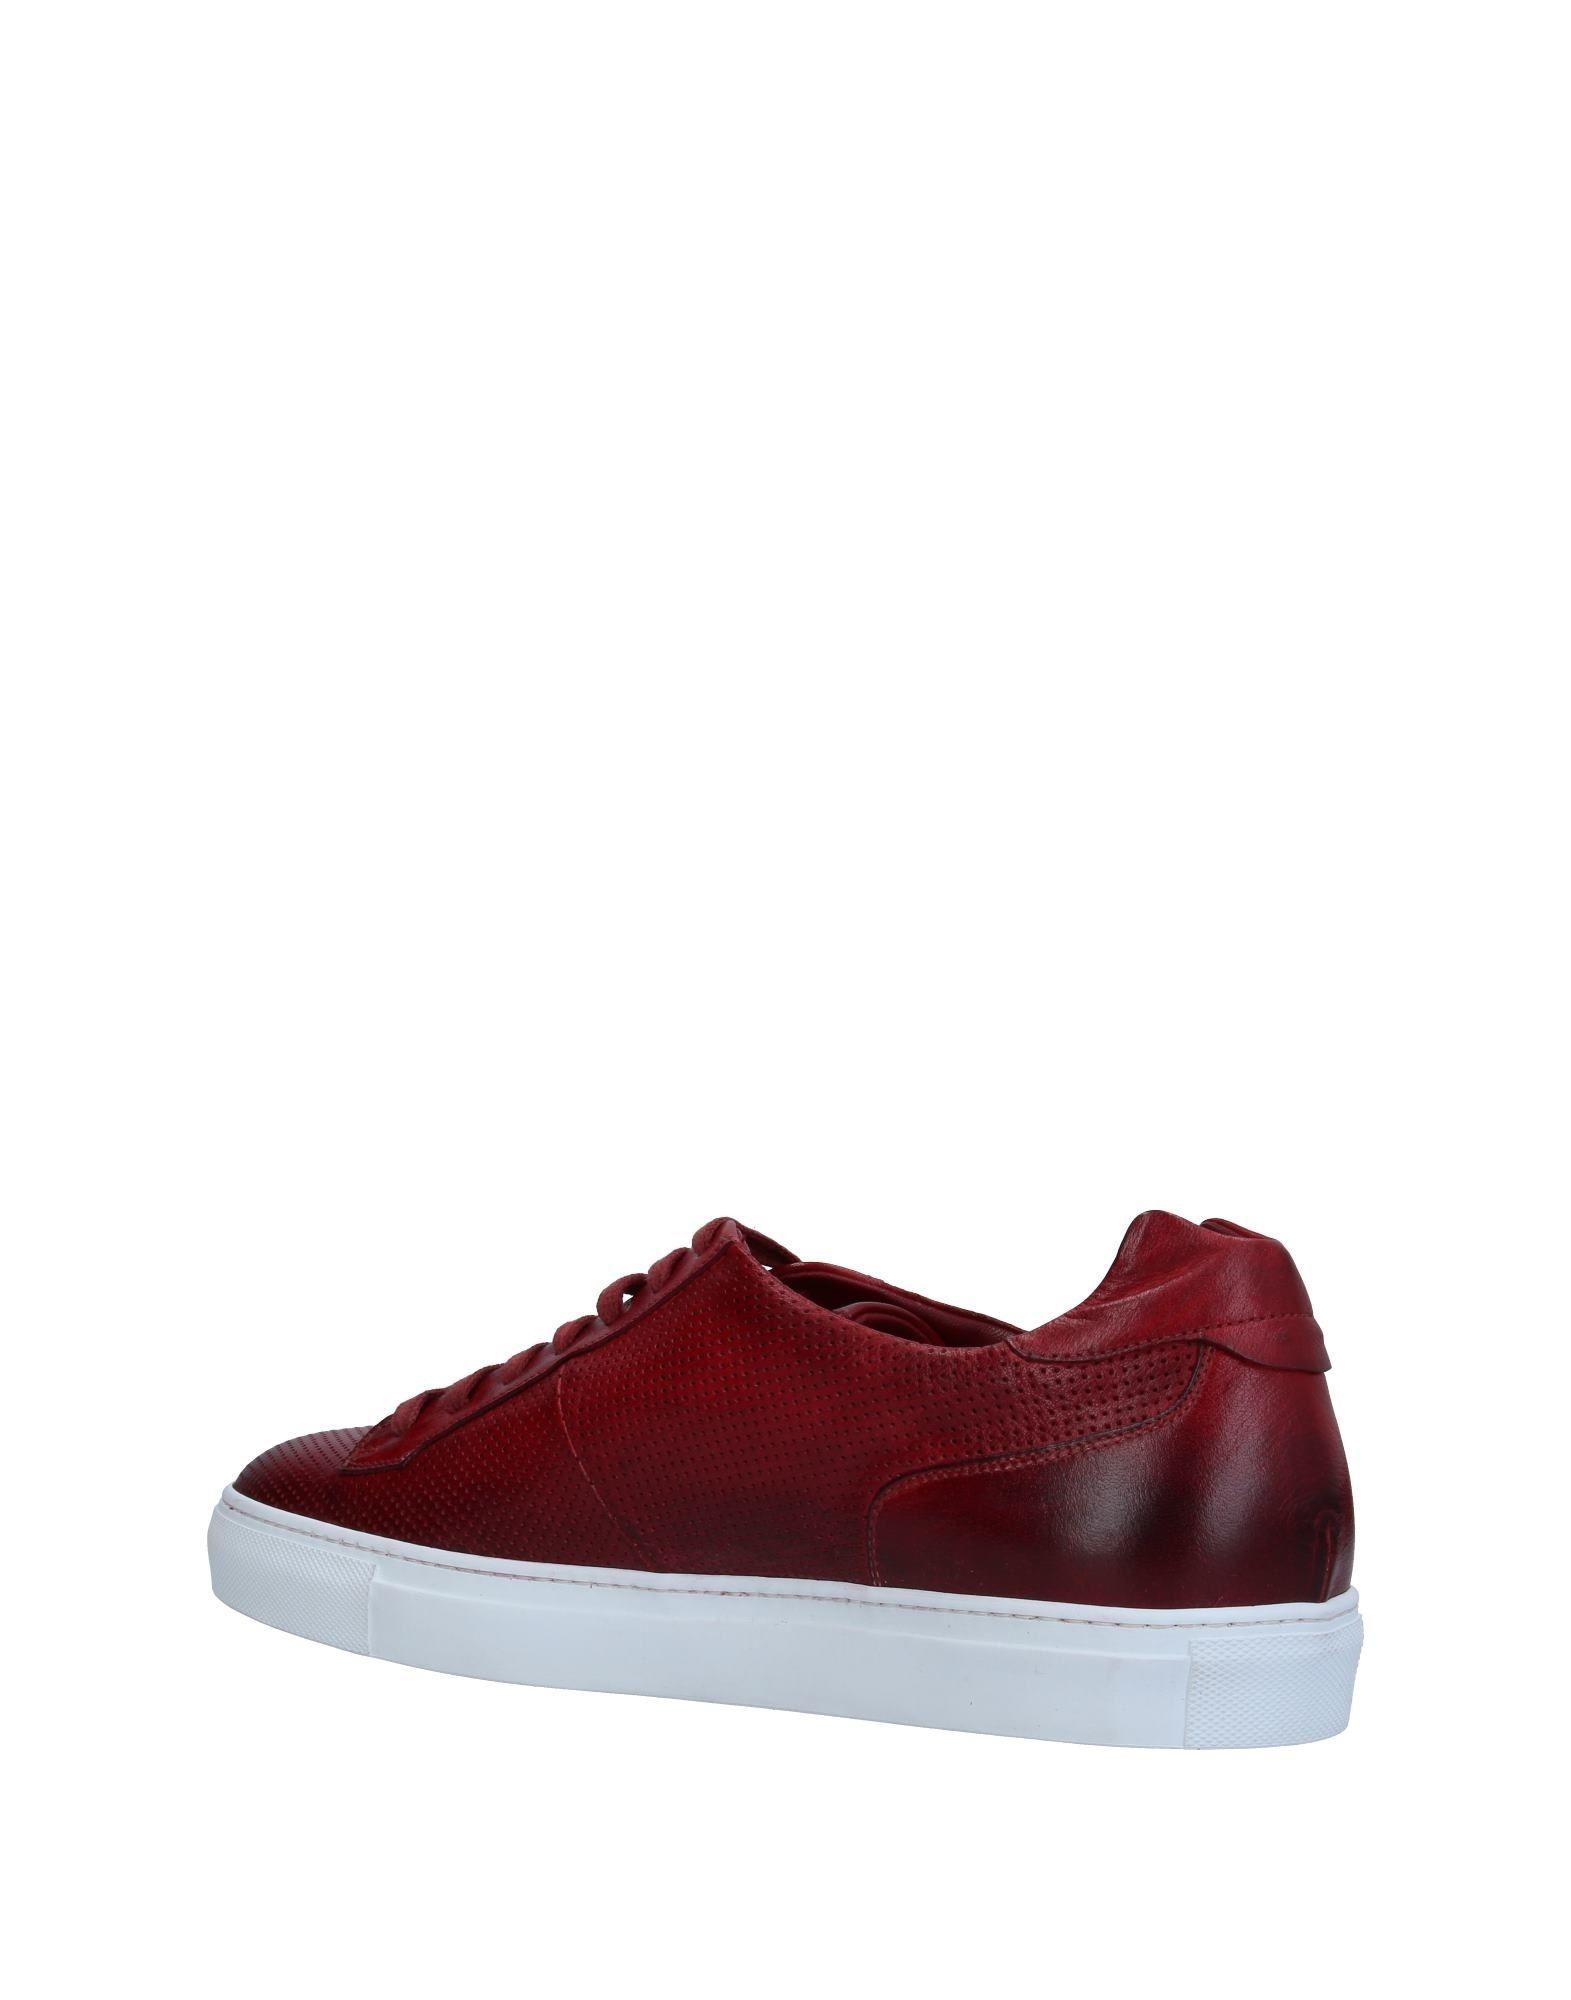 Sneakers Corvari Homme - Sneakers Corvari sur